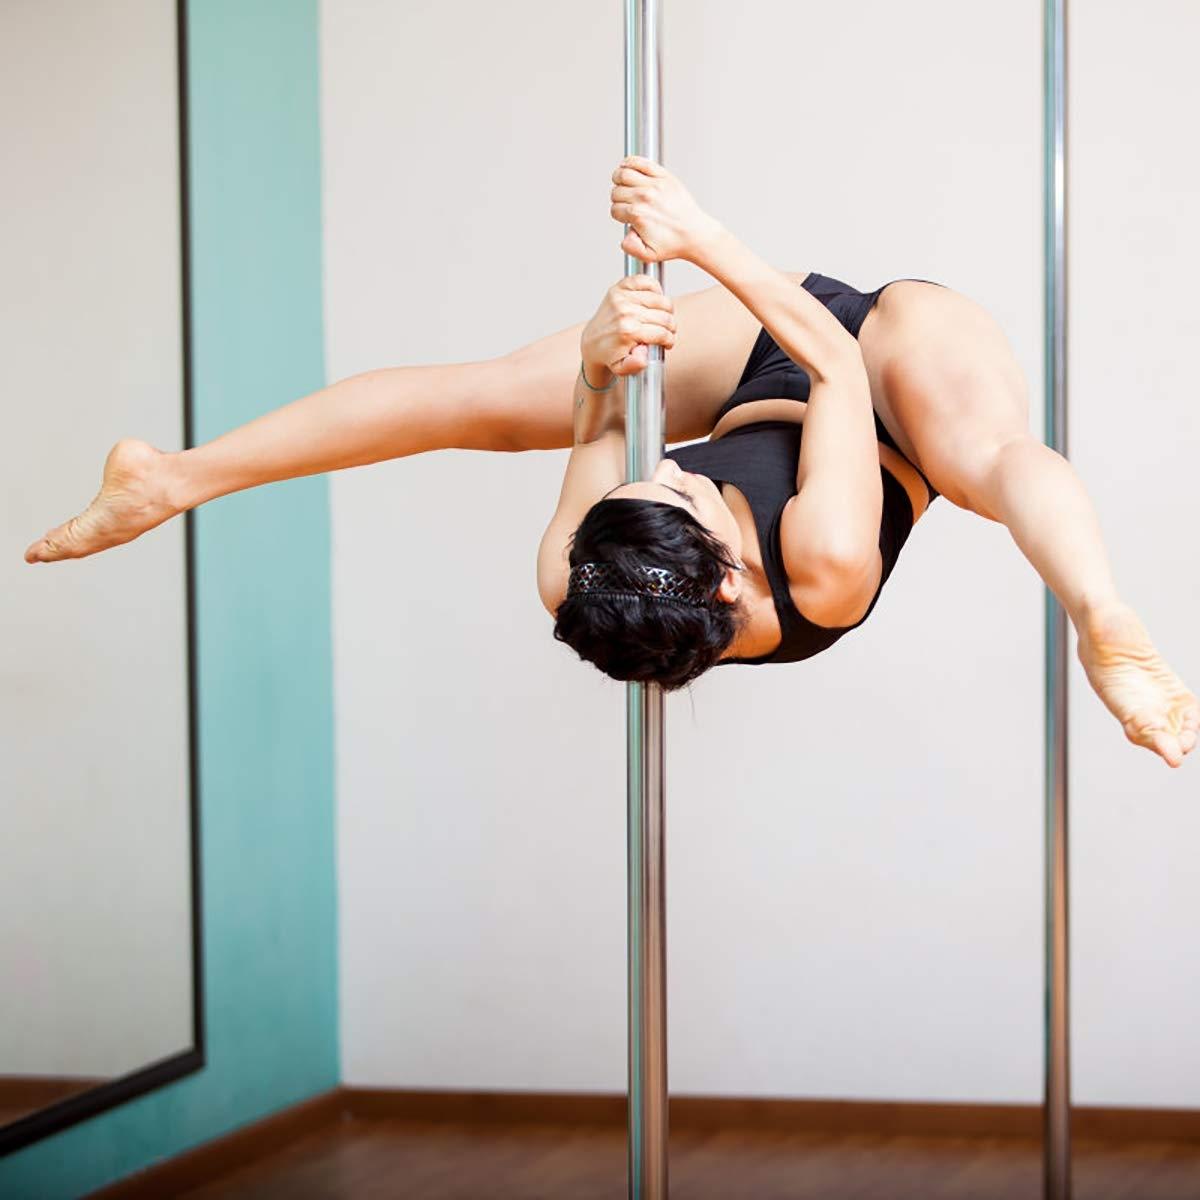 Ejercicio profesional Pole Dance en acero inoxidable 45 mm. Altura ajustable 2.23-2.74m.